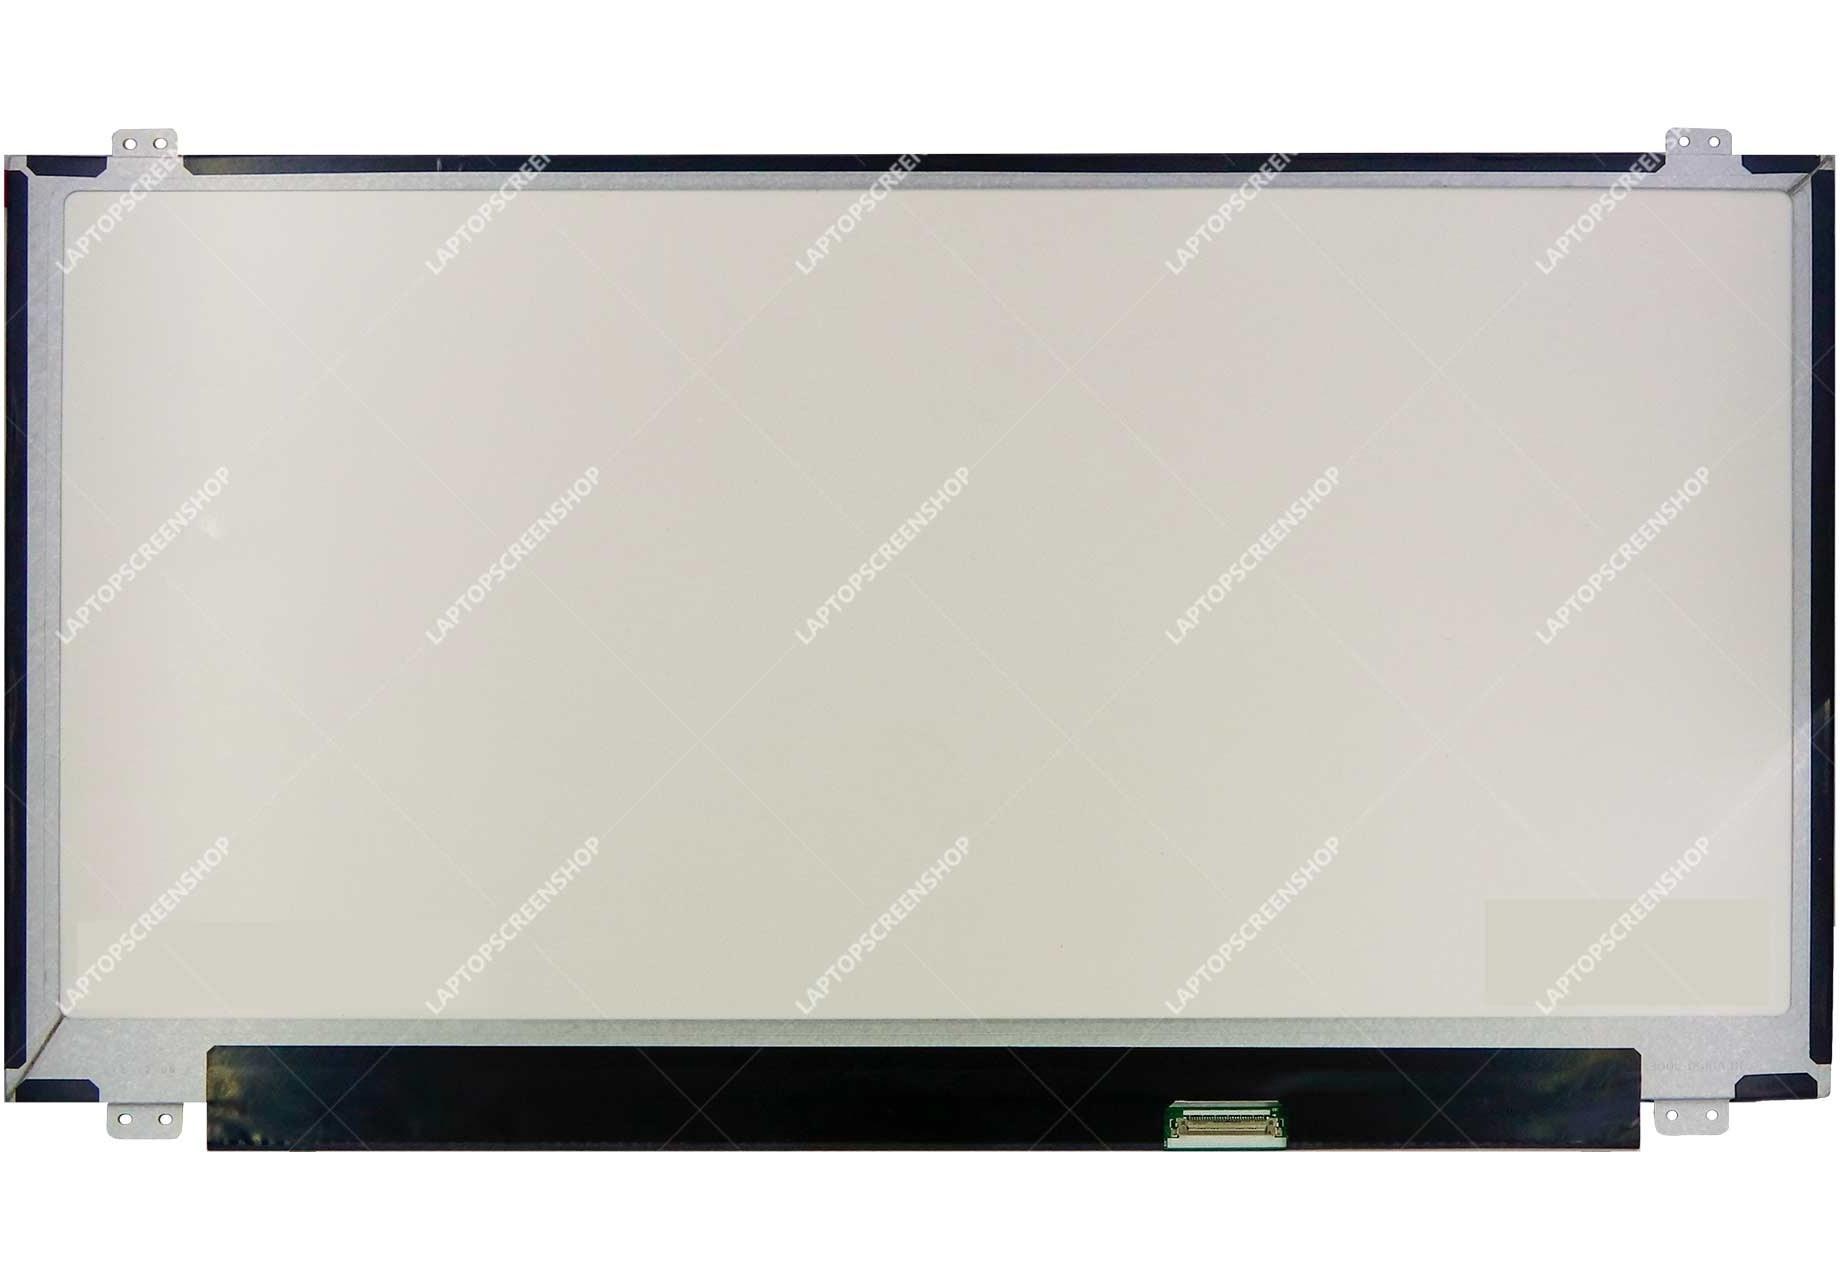 تصویر ال سی دی لپ تاپ فوجیتسو Fujitsu LIFEBOOK AH532